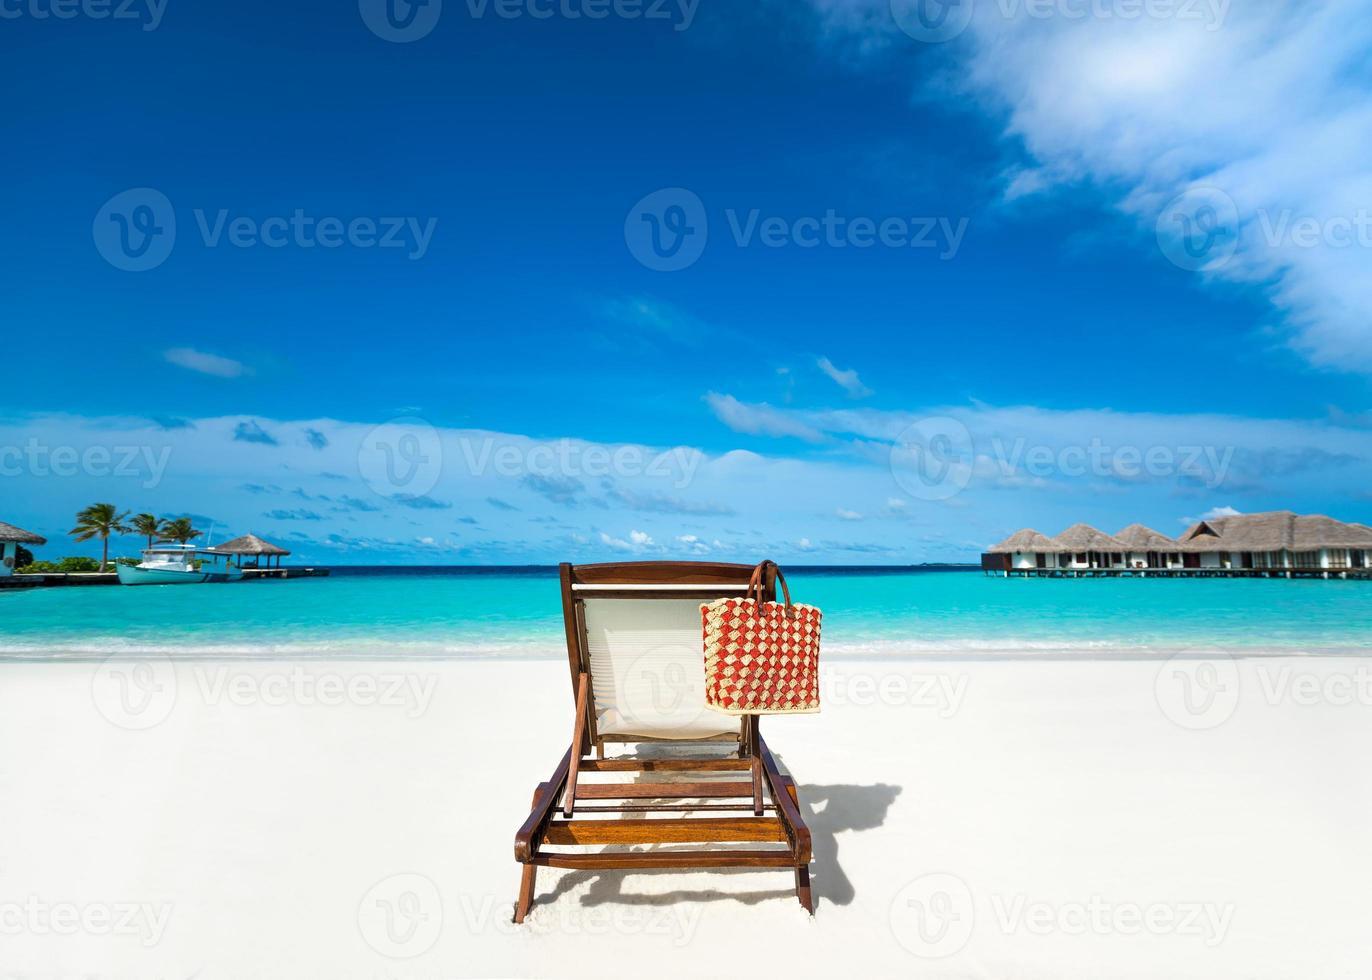 transat sur la plage de sable. photo